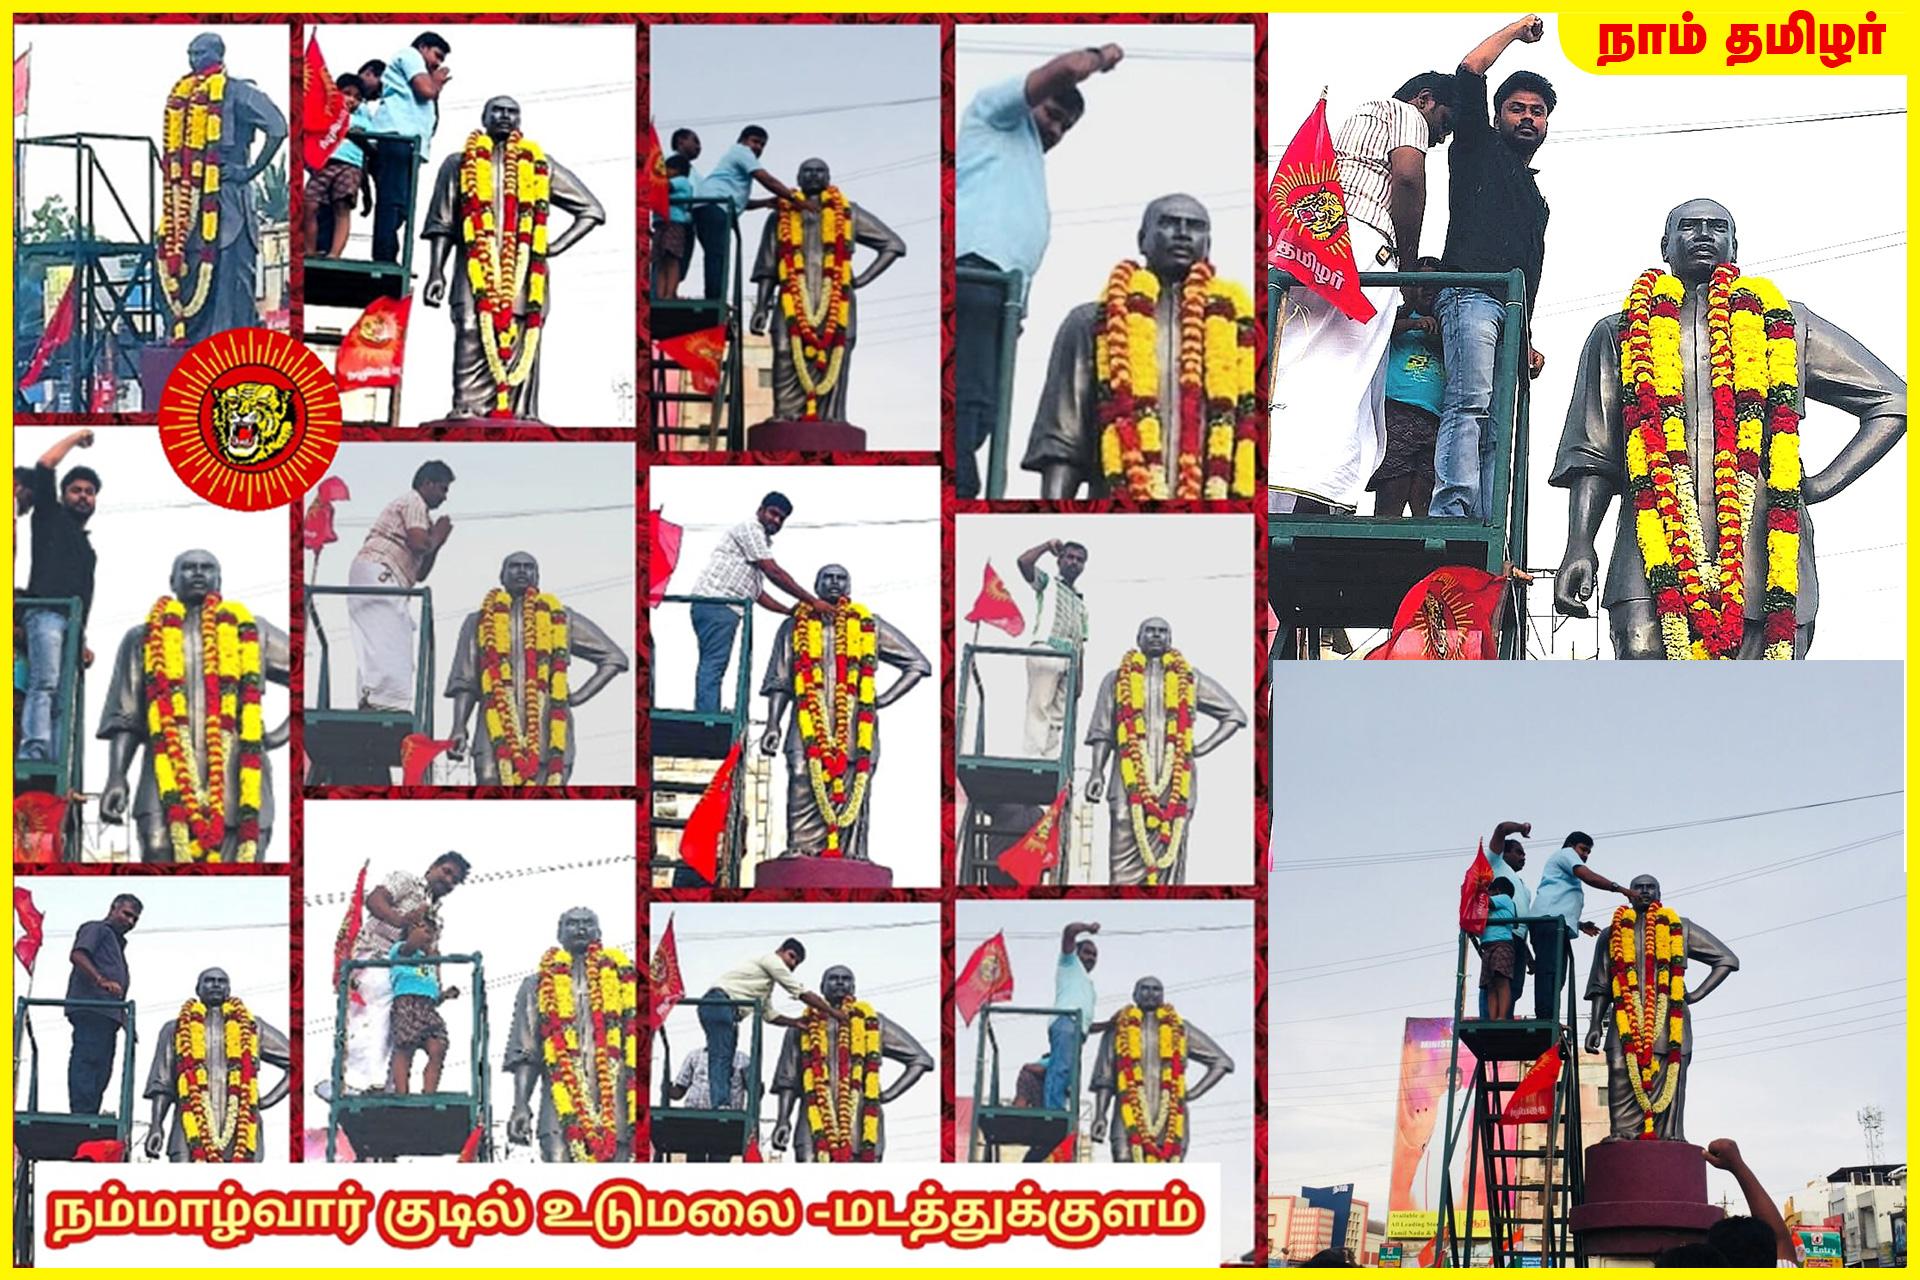 பெருந்தலைவர் காமராசர் நினைவு நாள் புகழ்வணக்கம்-உடுமலை மடத்துக்குளம் தொகுதி